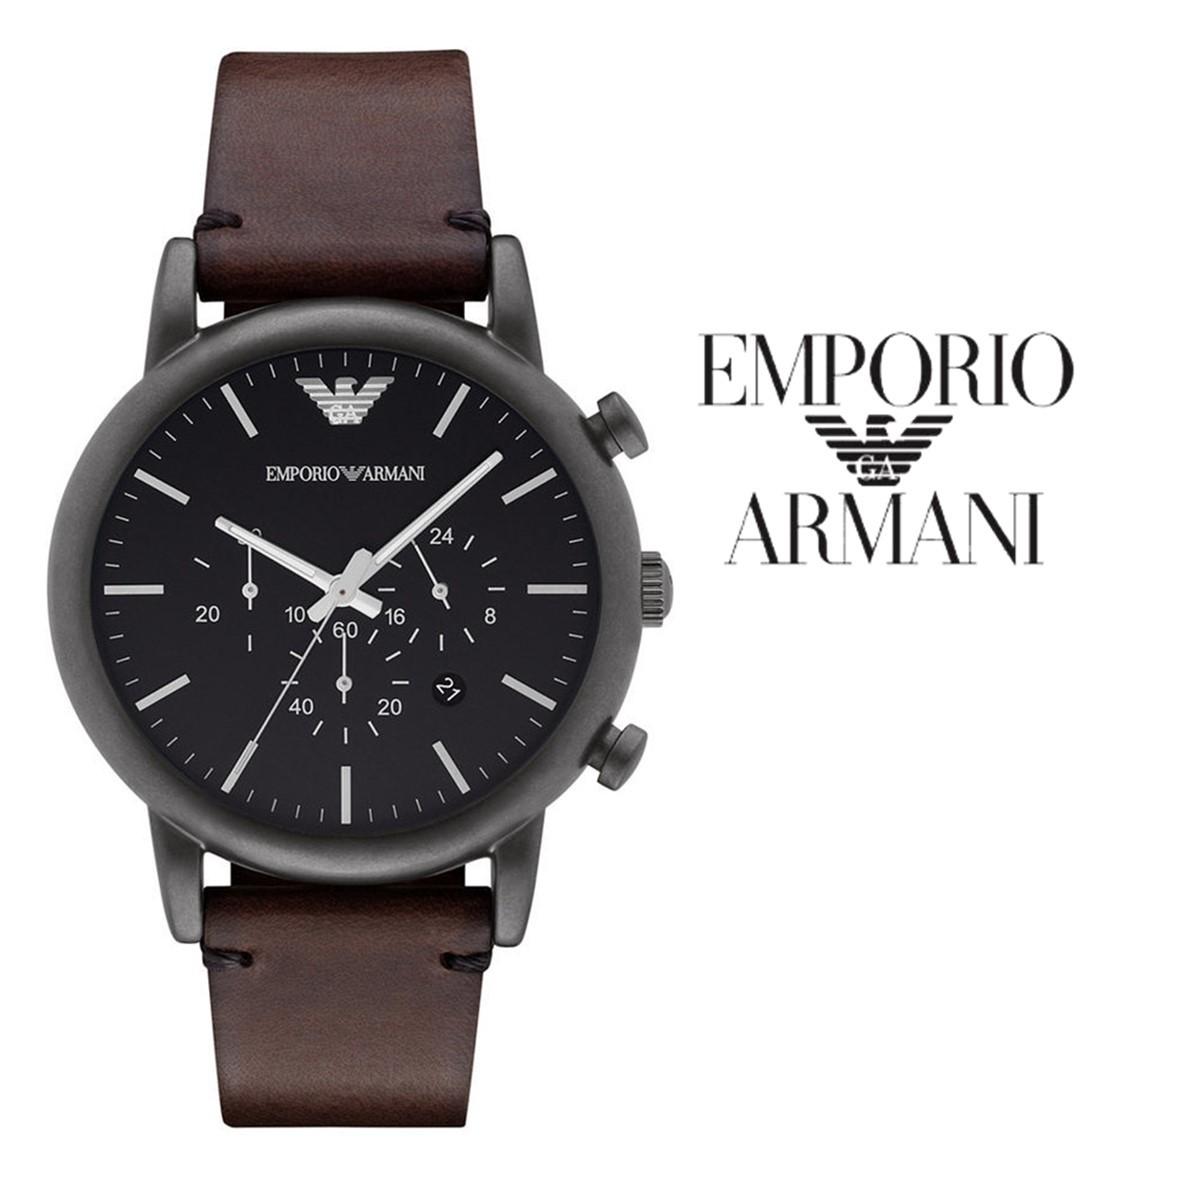 Trennschuhe klassischer Stil von 2019 große Auswahl von 2019 Watch Emporio Armani® AR1919